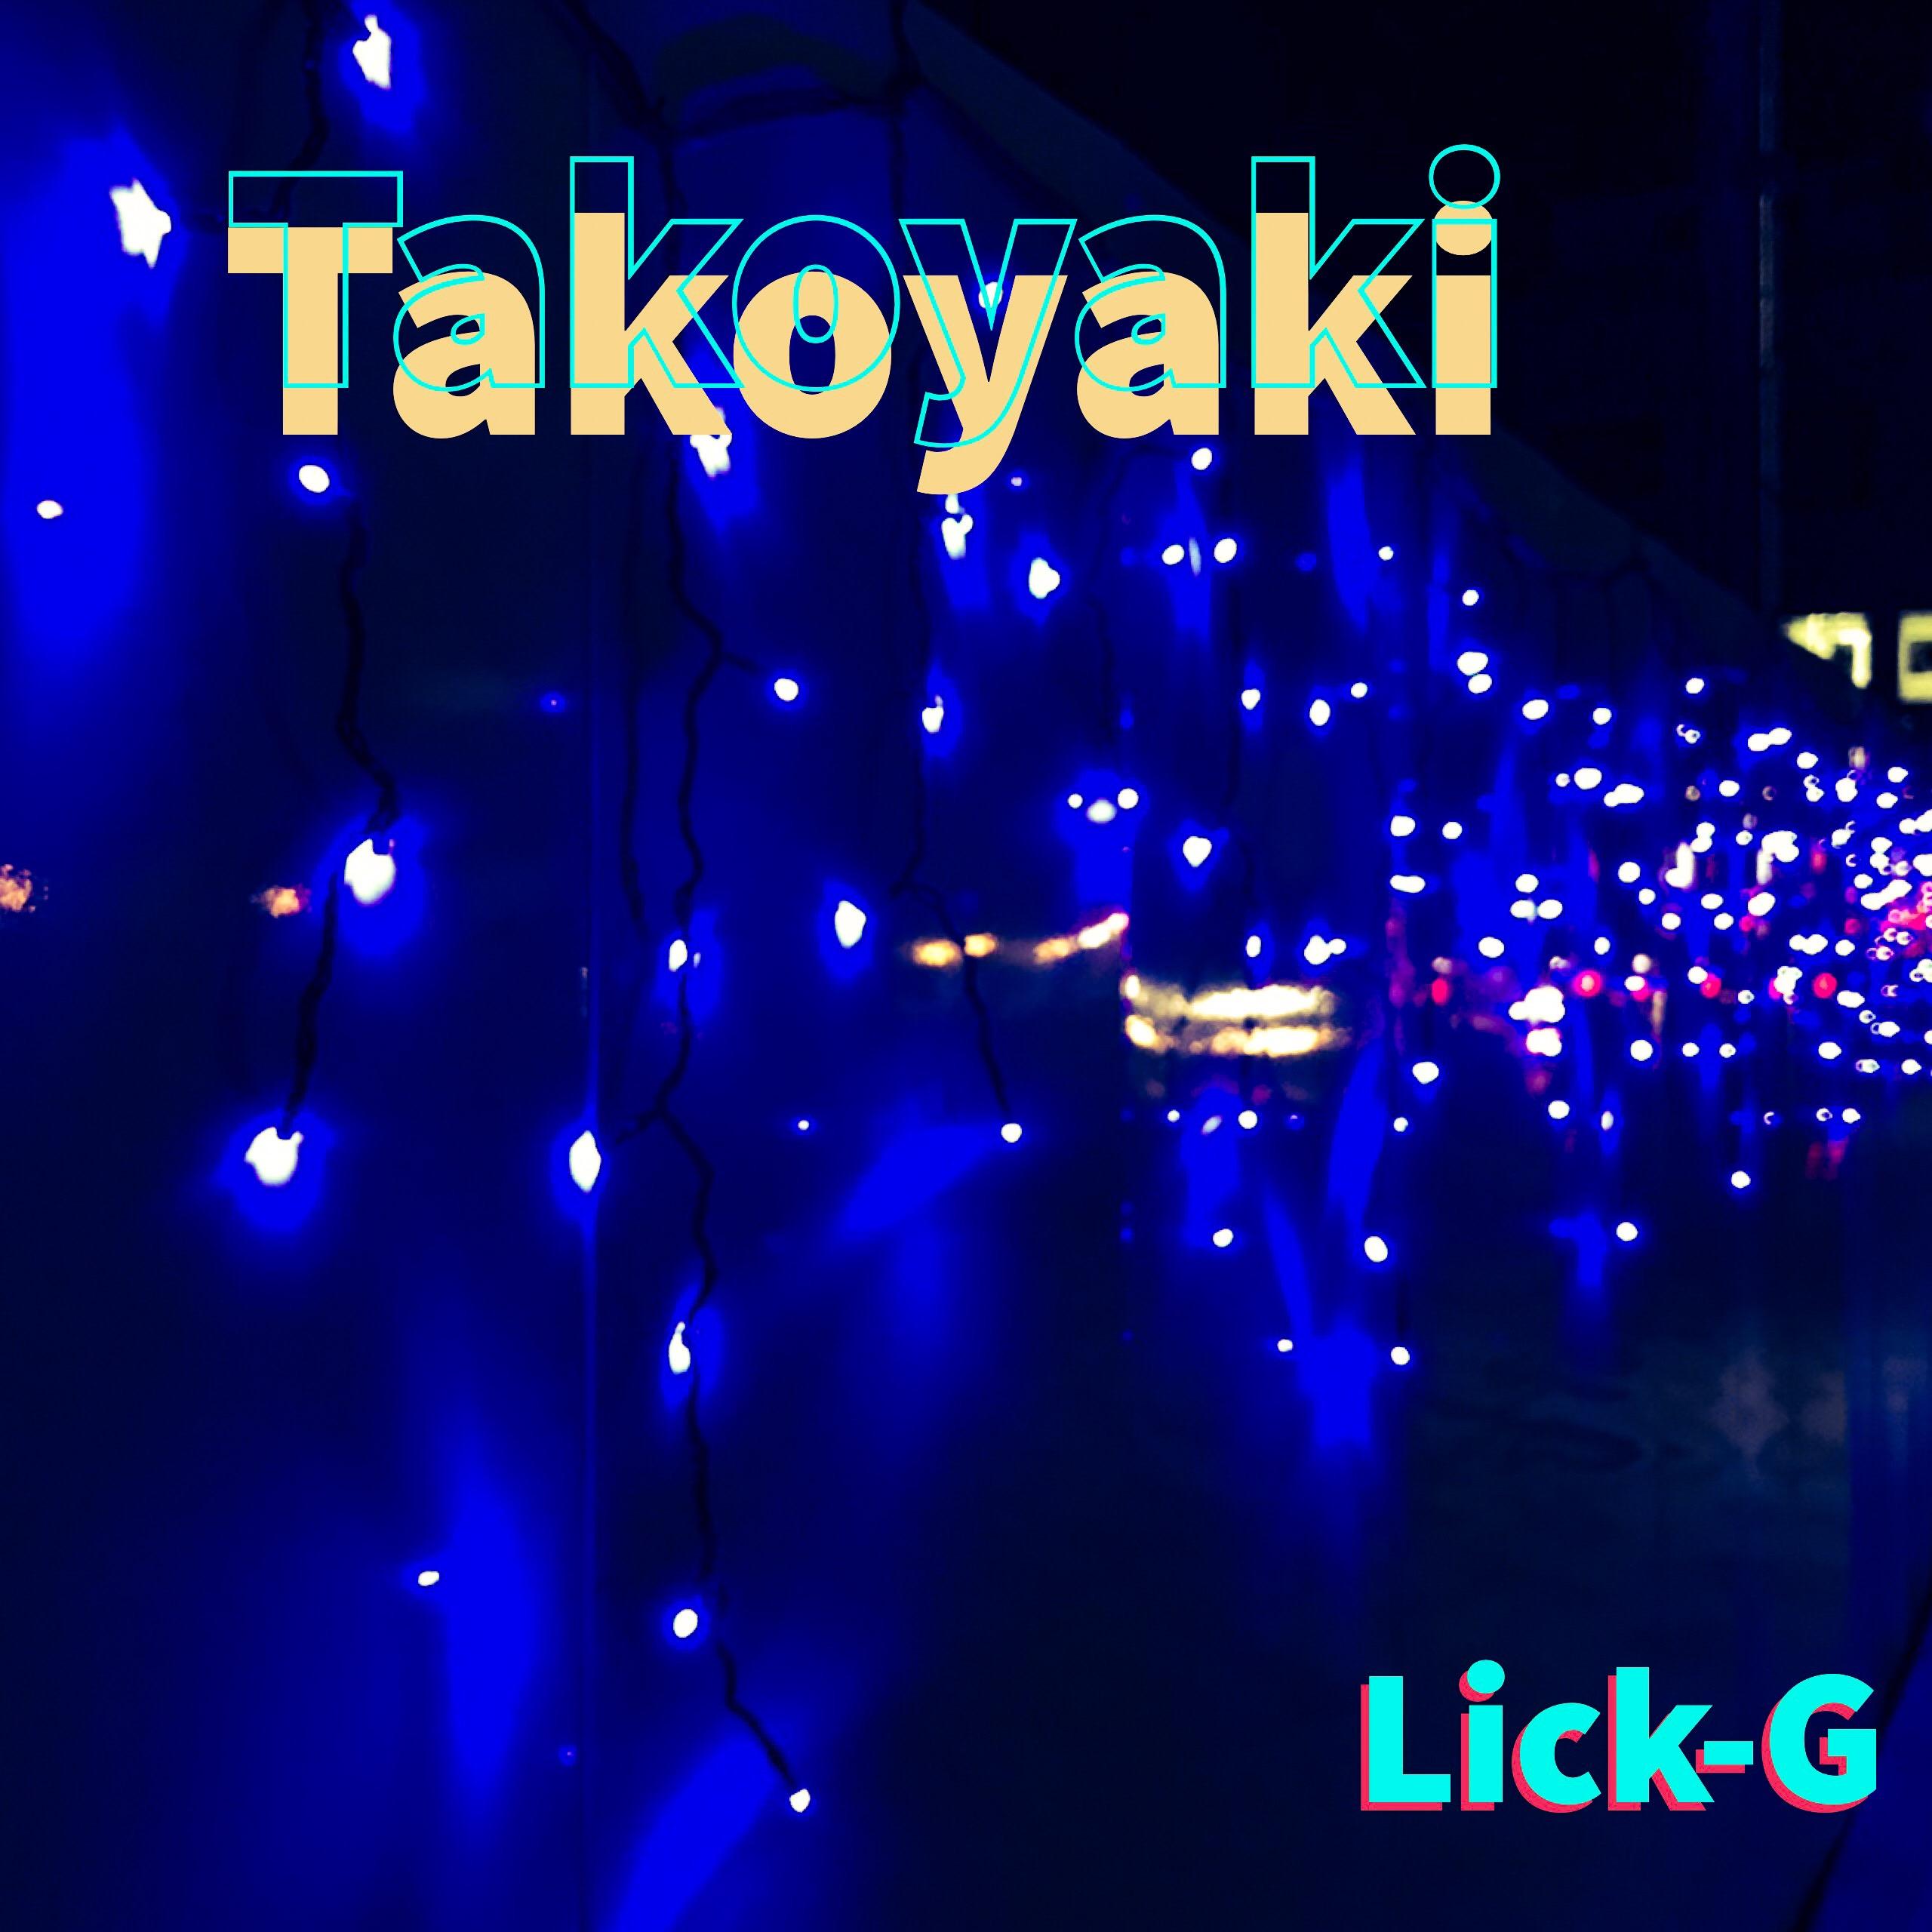 lick-g Takoyaki